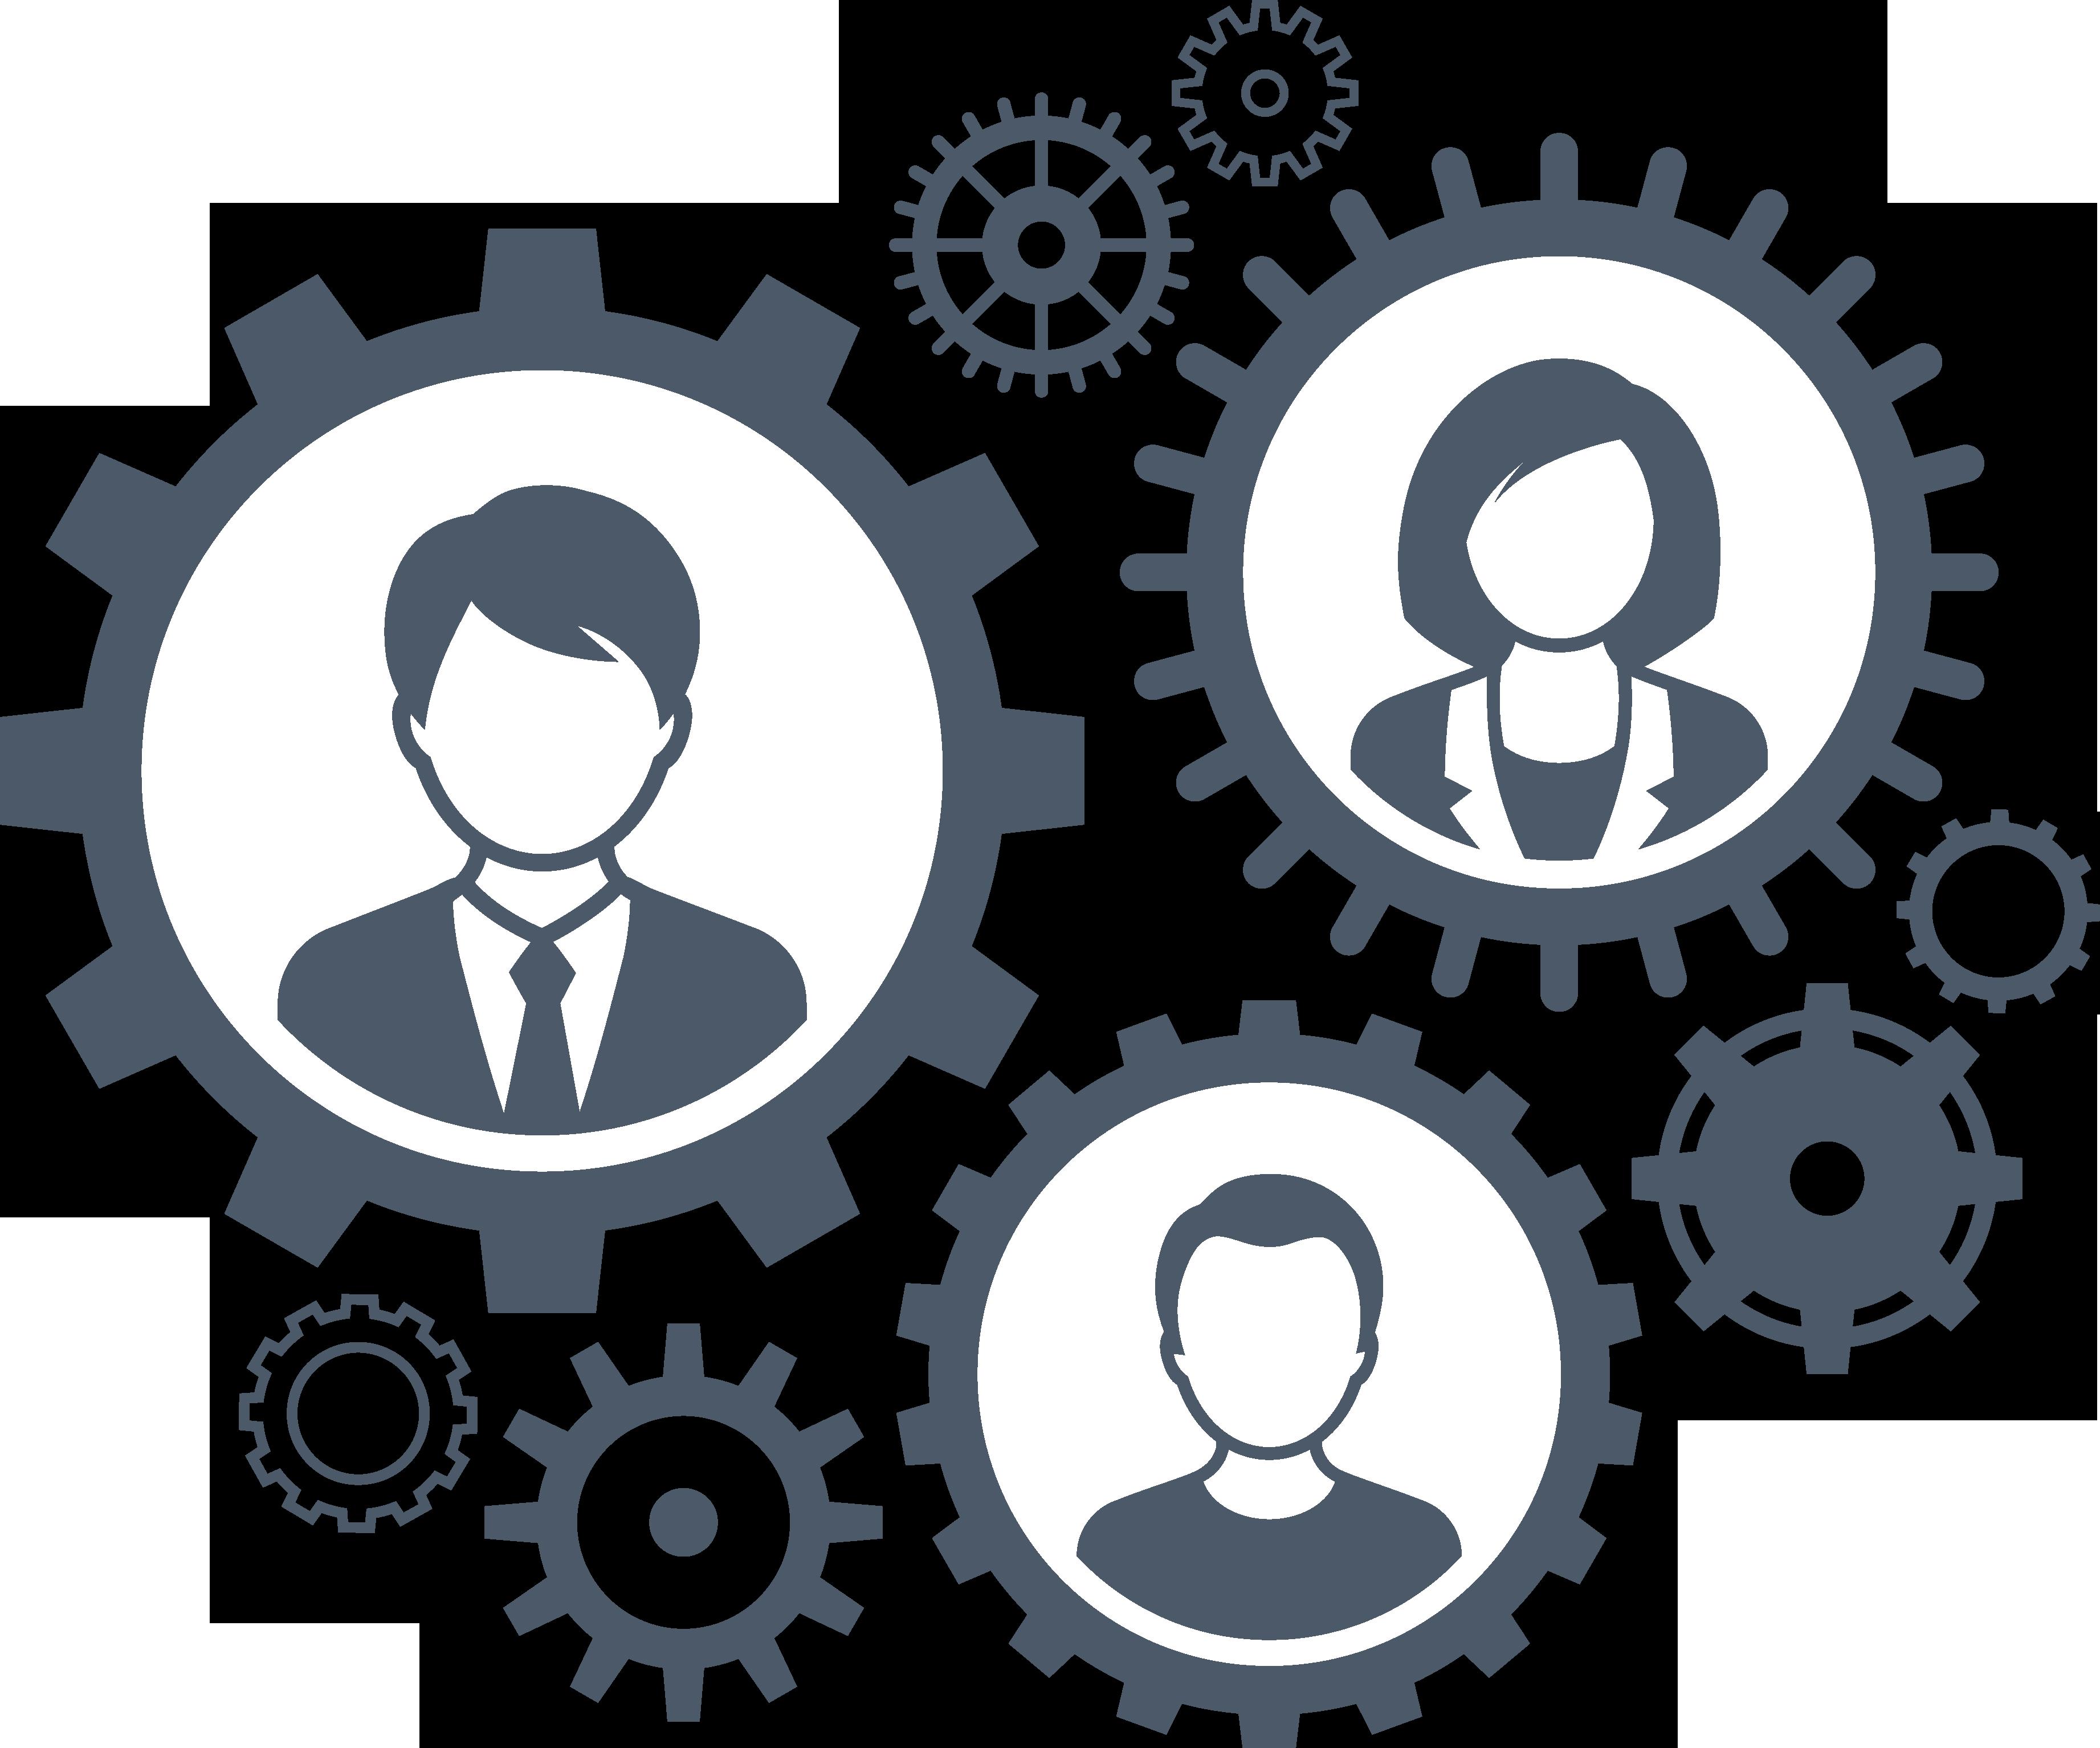 Teamwork vector clipart vector transparent stock Employee engagement Human resource management Organization ... vector transparent stock